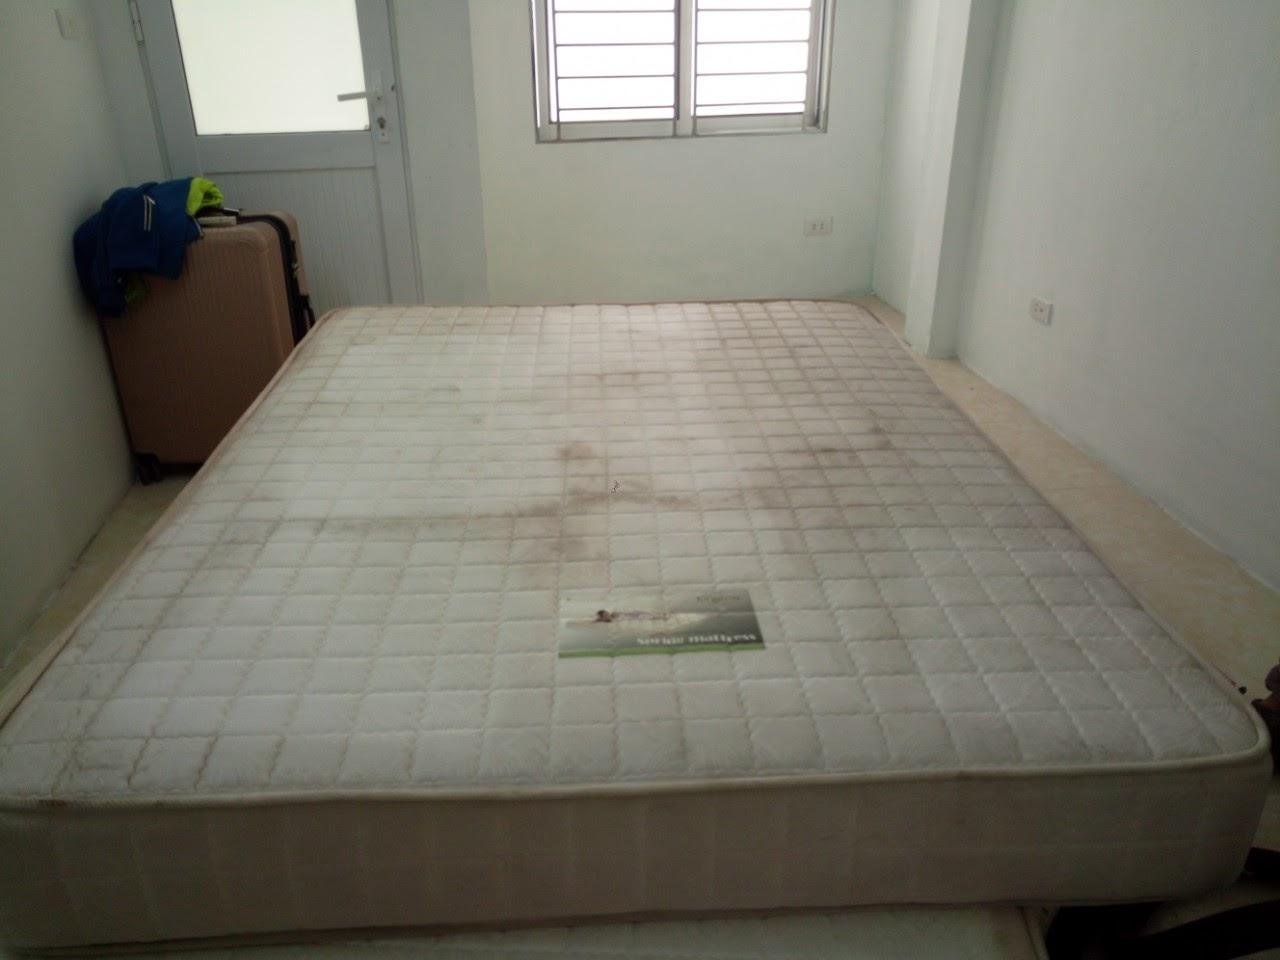 Dịch vụ giặt nệm ghế sofa thảm rèm cửa ở đâu tại Quận 7 tốt nhất